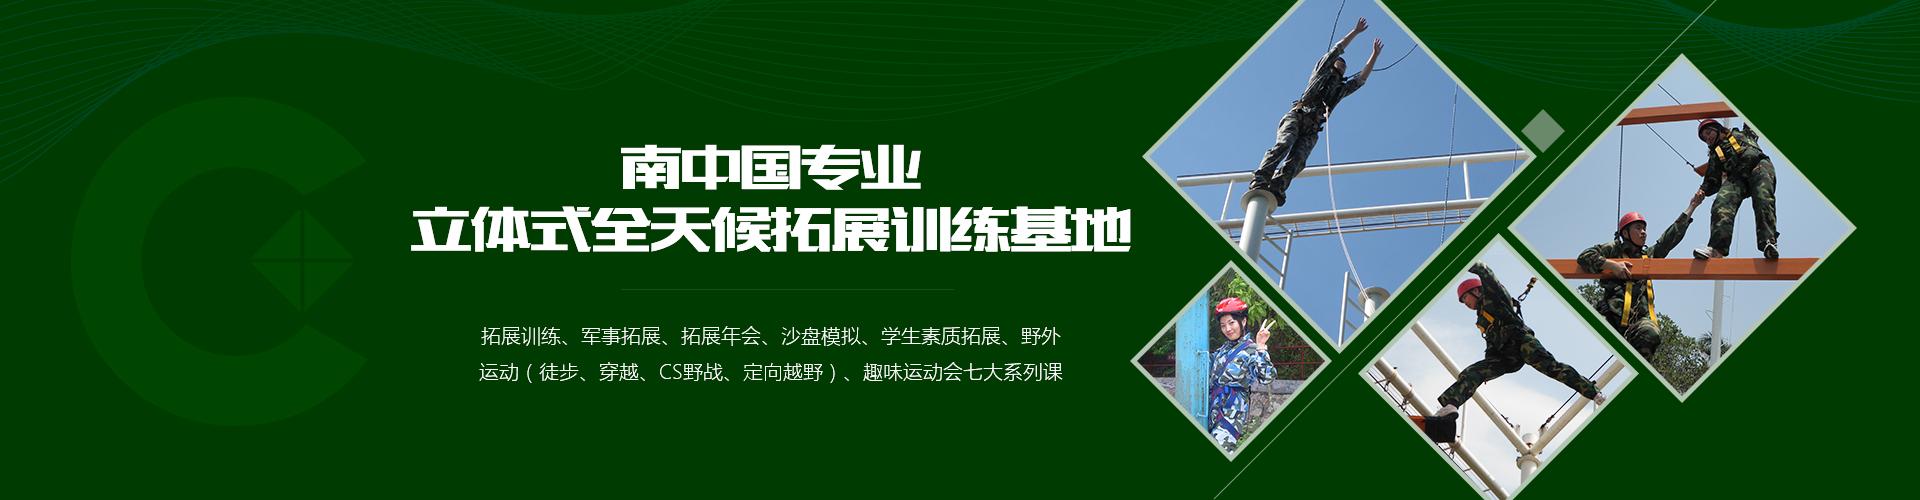 廣州拓展培訓